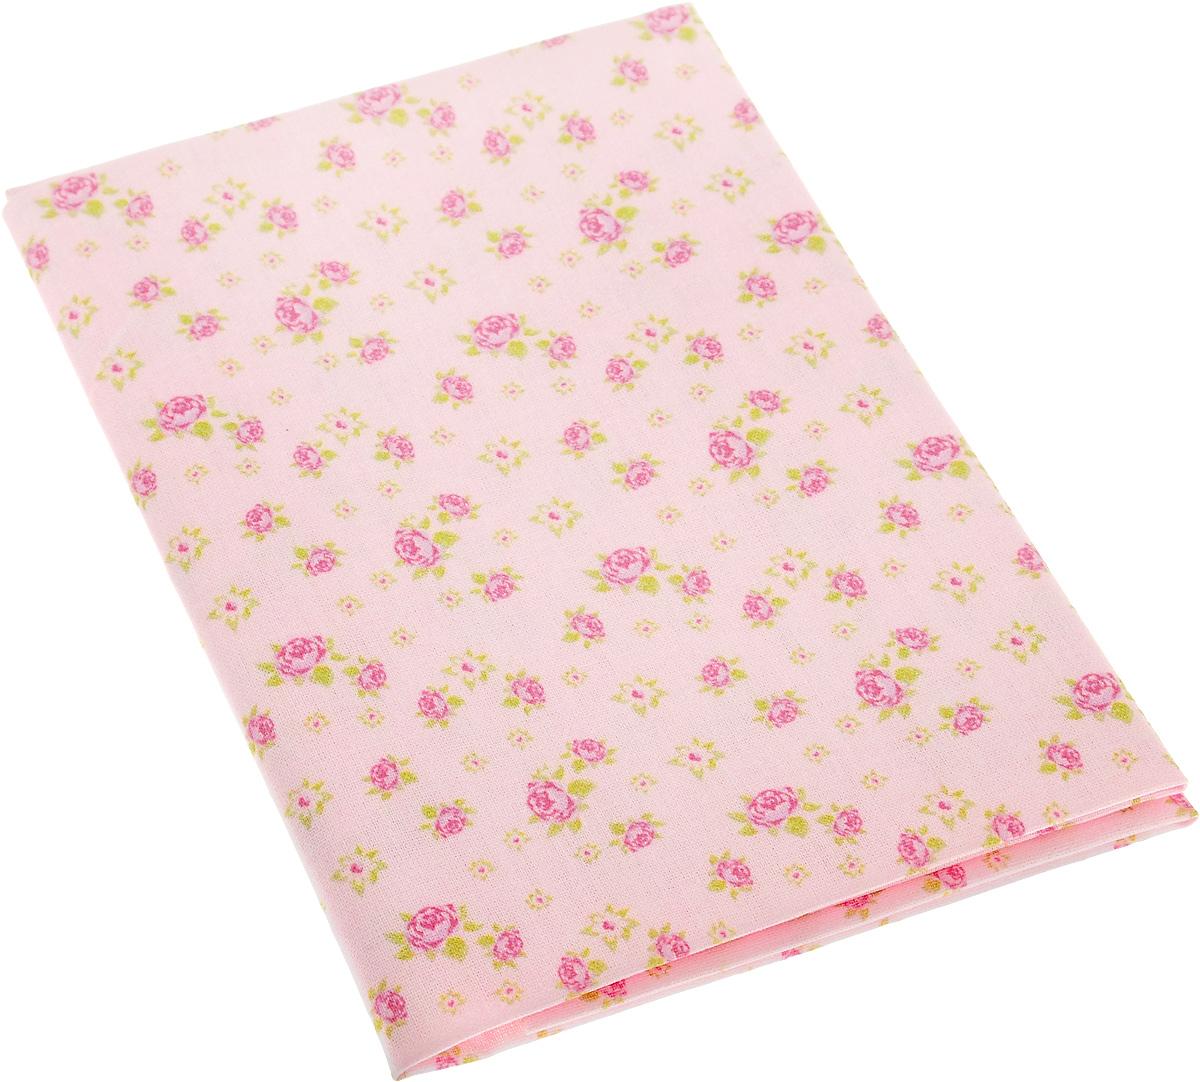 Ткань для пэчворка Артмикс Розы в стиле шебби шик, цвет: розовый, зеленый, 48 x 50 смAM586002Ткань Артмикс Розы в стиле шебби шик,изготовленная из 100% хлопка, предназначена дляпошива одеял, покрывал, сумок, аппликаций ипрочих изделий в технике пэчворк. Также подходитдля пошива кукол,аксессуаров и одежды. Пэчворк - это вид рукоделия, при котором попринципу мозаики сшиваетсяцельное изделие из кусочков ткани (лоскутков). Плотность ткани: 120 г/м2.УВАЖАЕМЫЕ КЛИЕНТЫ! Обращаем ваше внимание, на тот факт, что размеротреза может отличаться на 1-2 см.